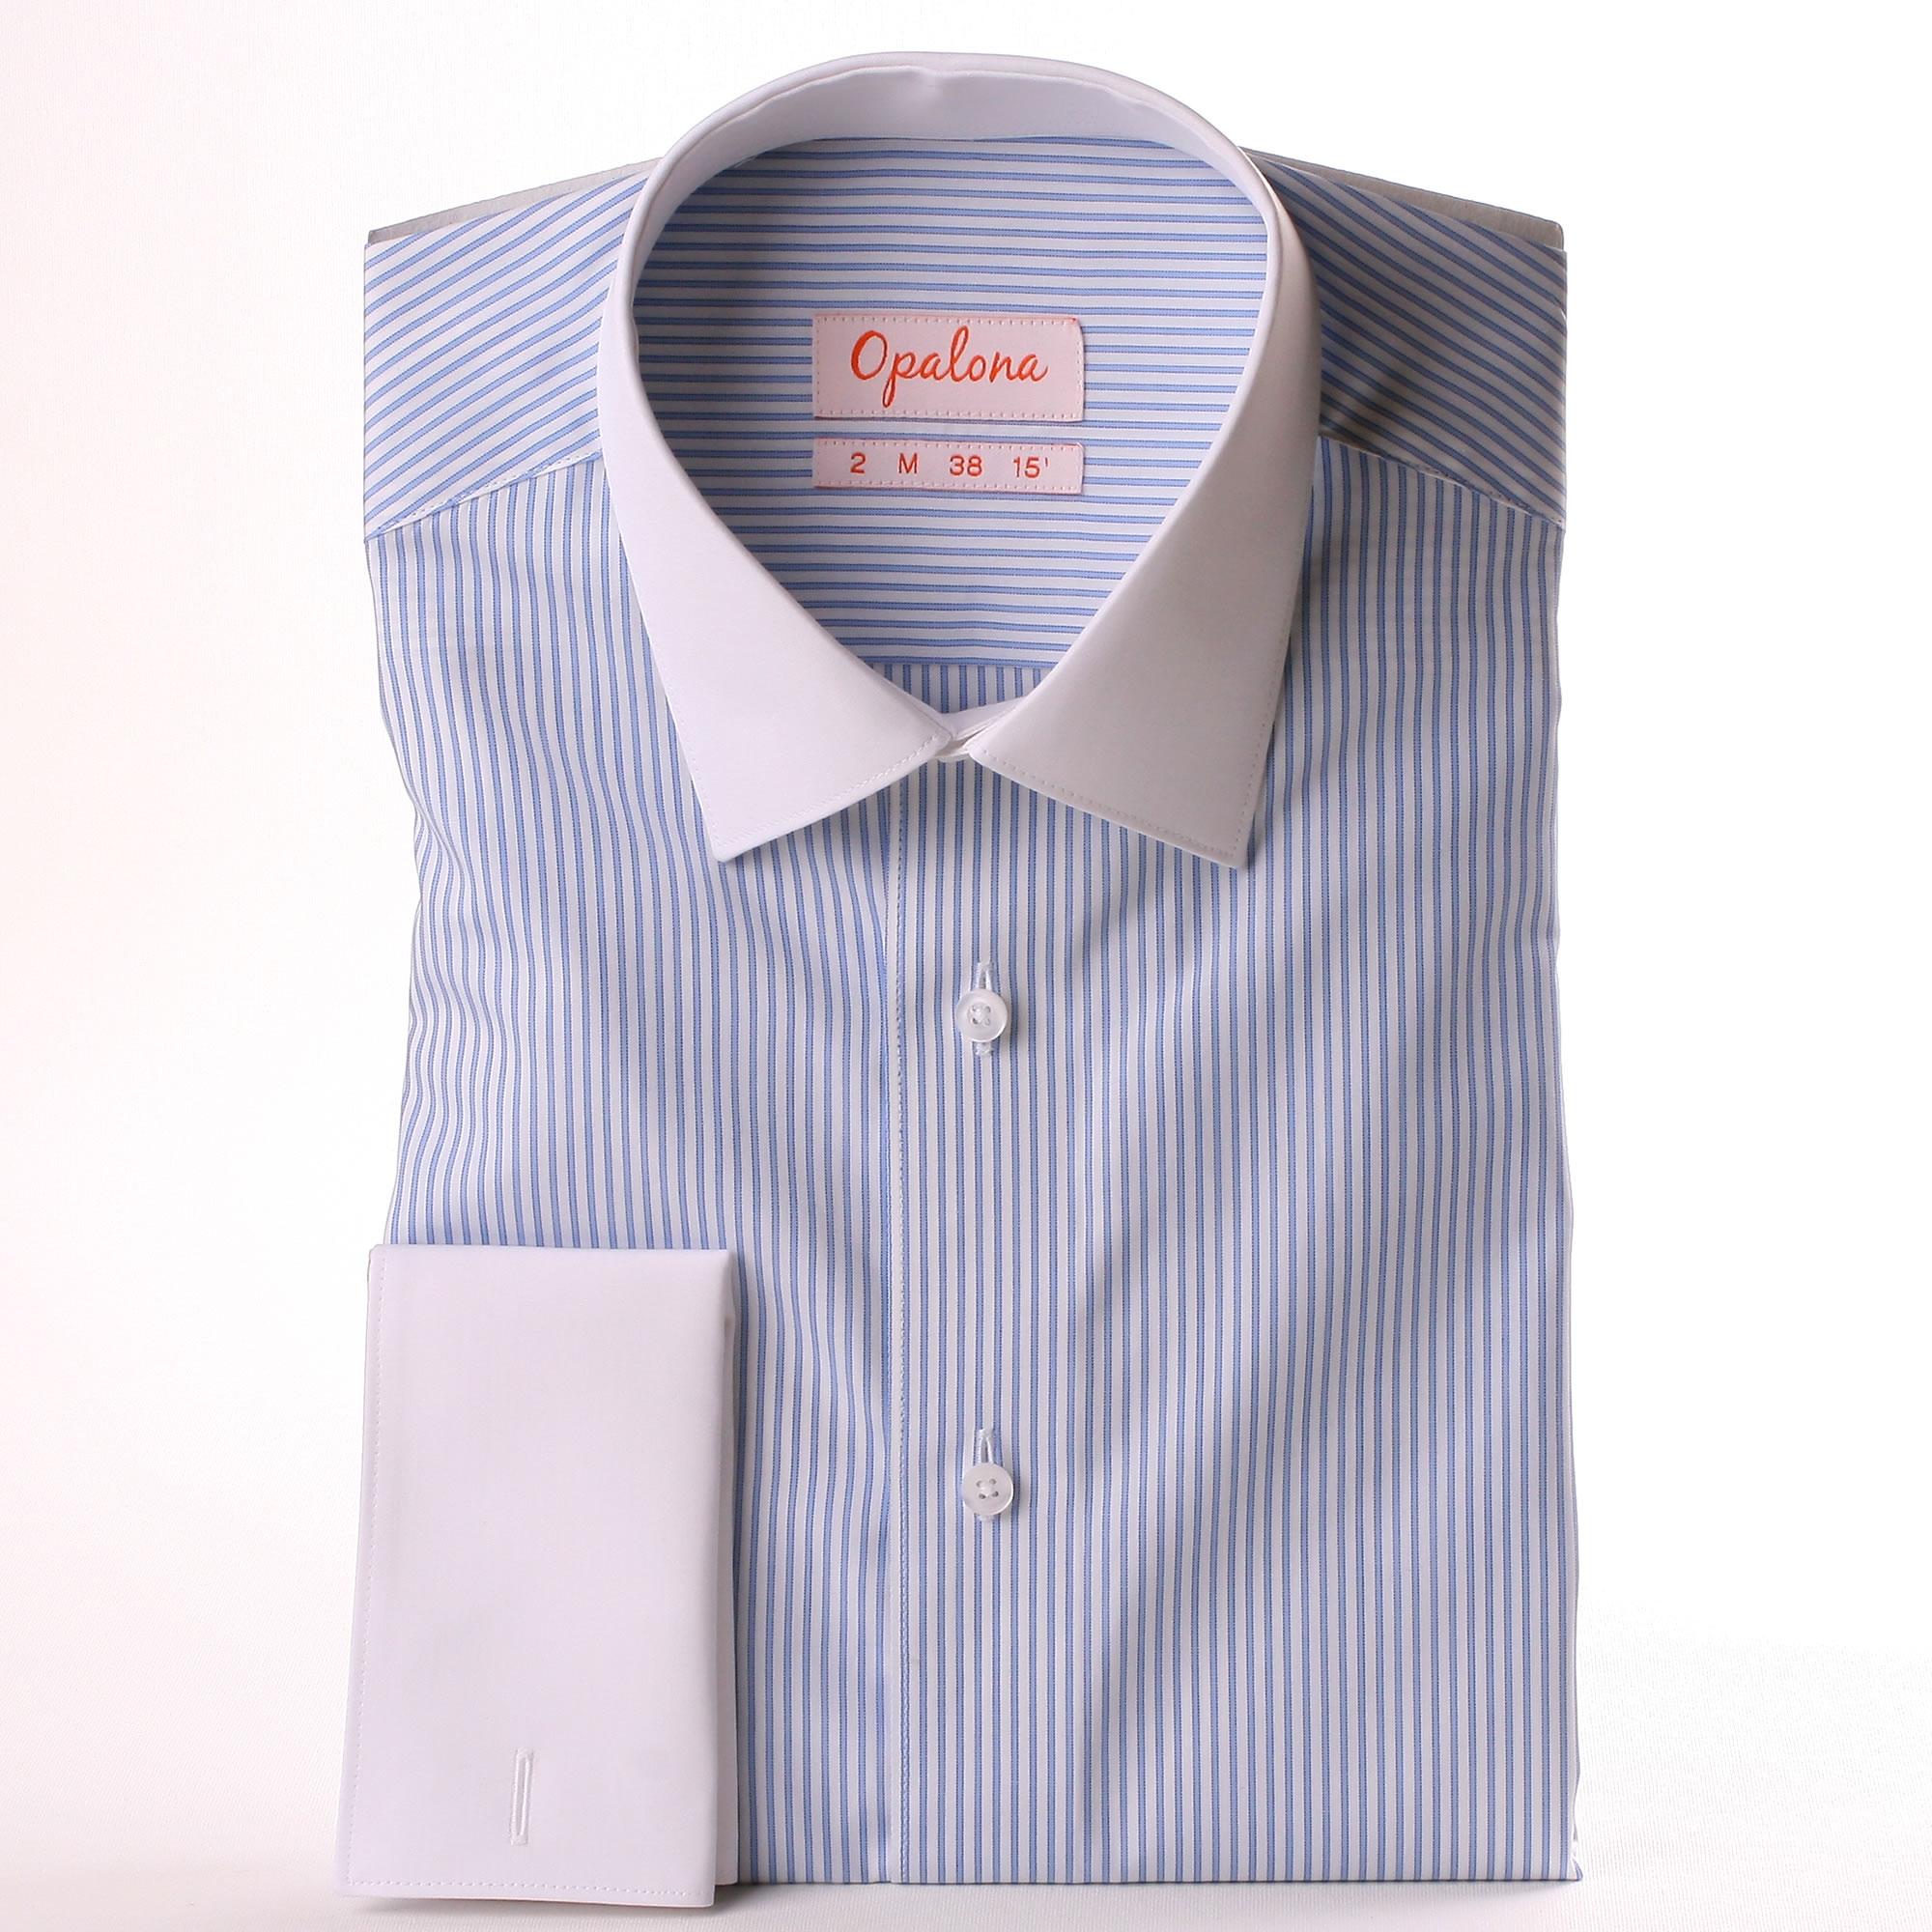 wei und blau gestreiften franz sisch manschette hemd mit wei em kragen und manschetten. Black Bedroom Furniture Sets. Home Design Ideas